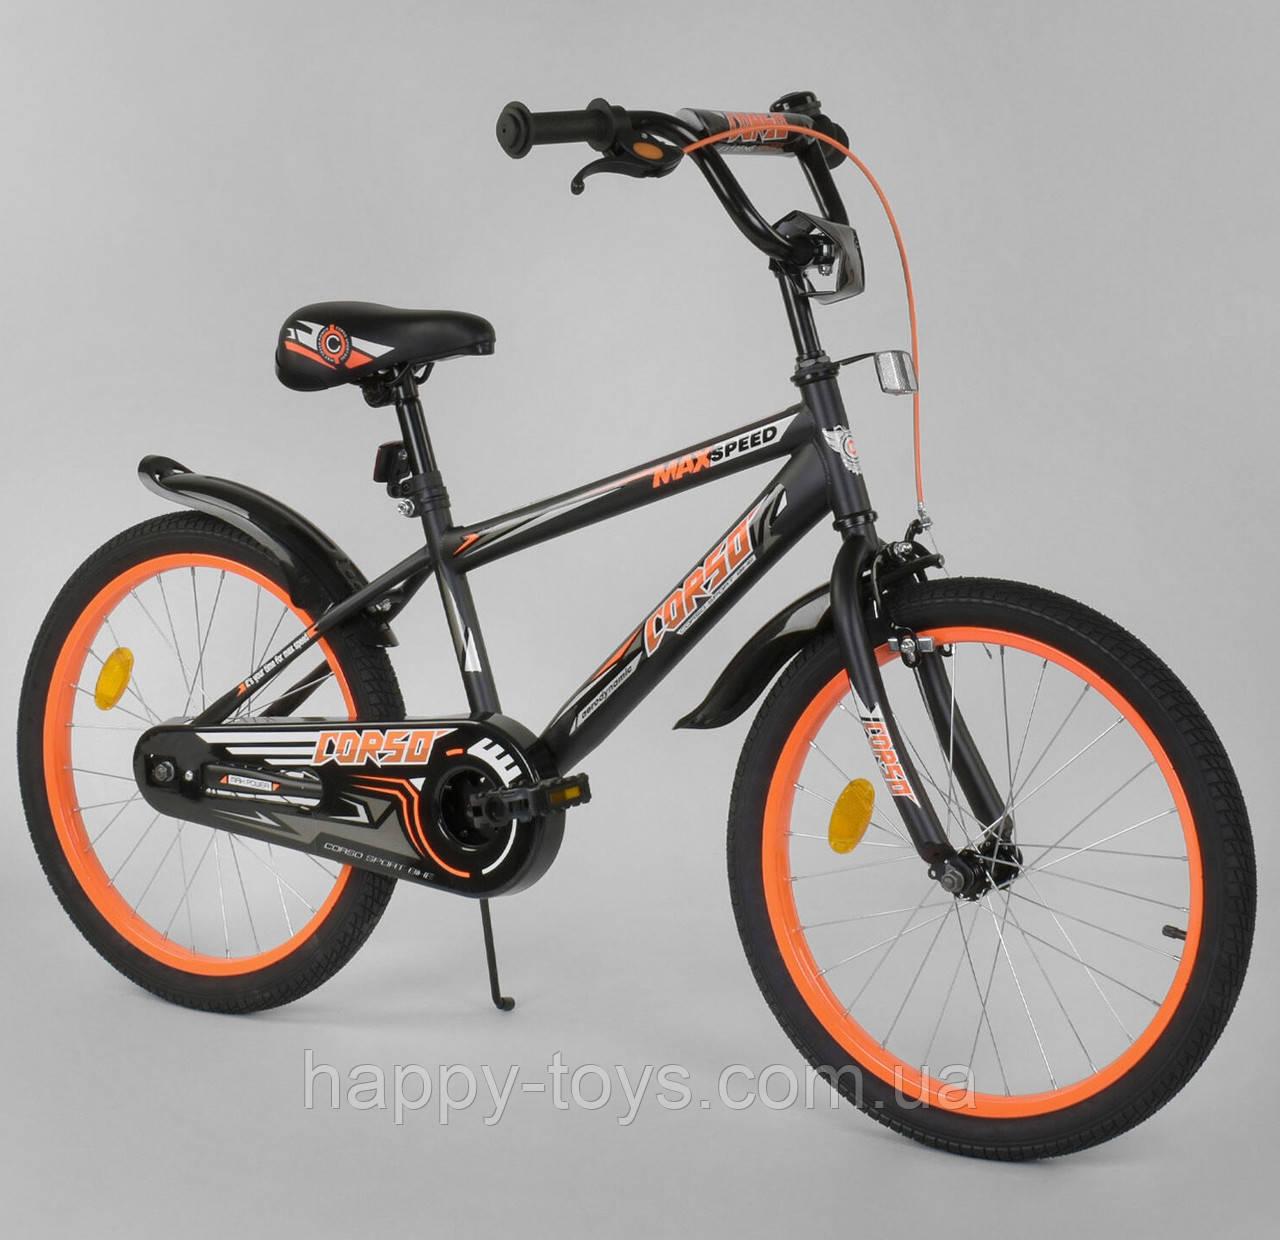 """Велосипед 20"""" дюймов 2-х колёсный CORSO ЧЁРНО-ОРАНЖЕВЫЙ, ручной тормоз,звоночек, собранный на 75% EX-20 N 4588"""